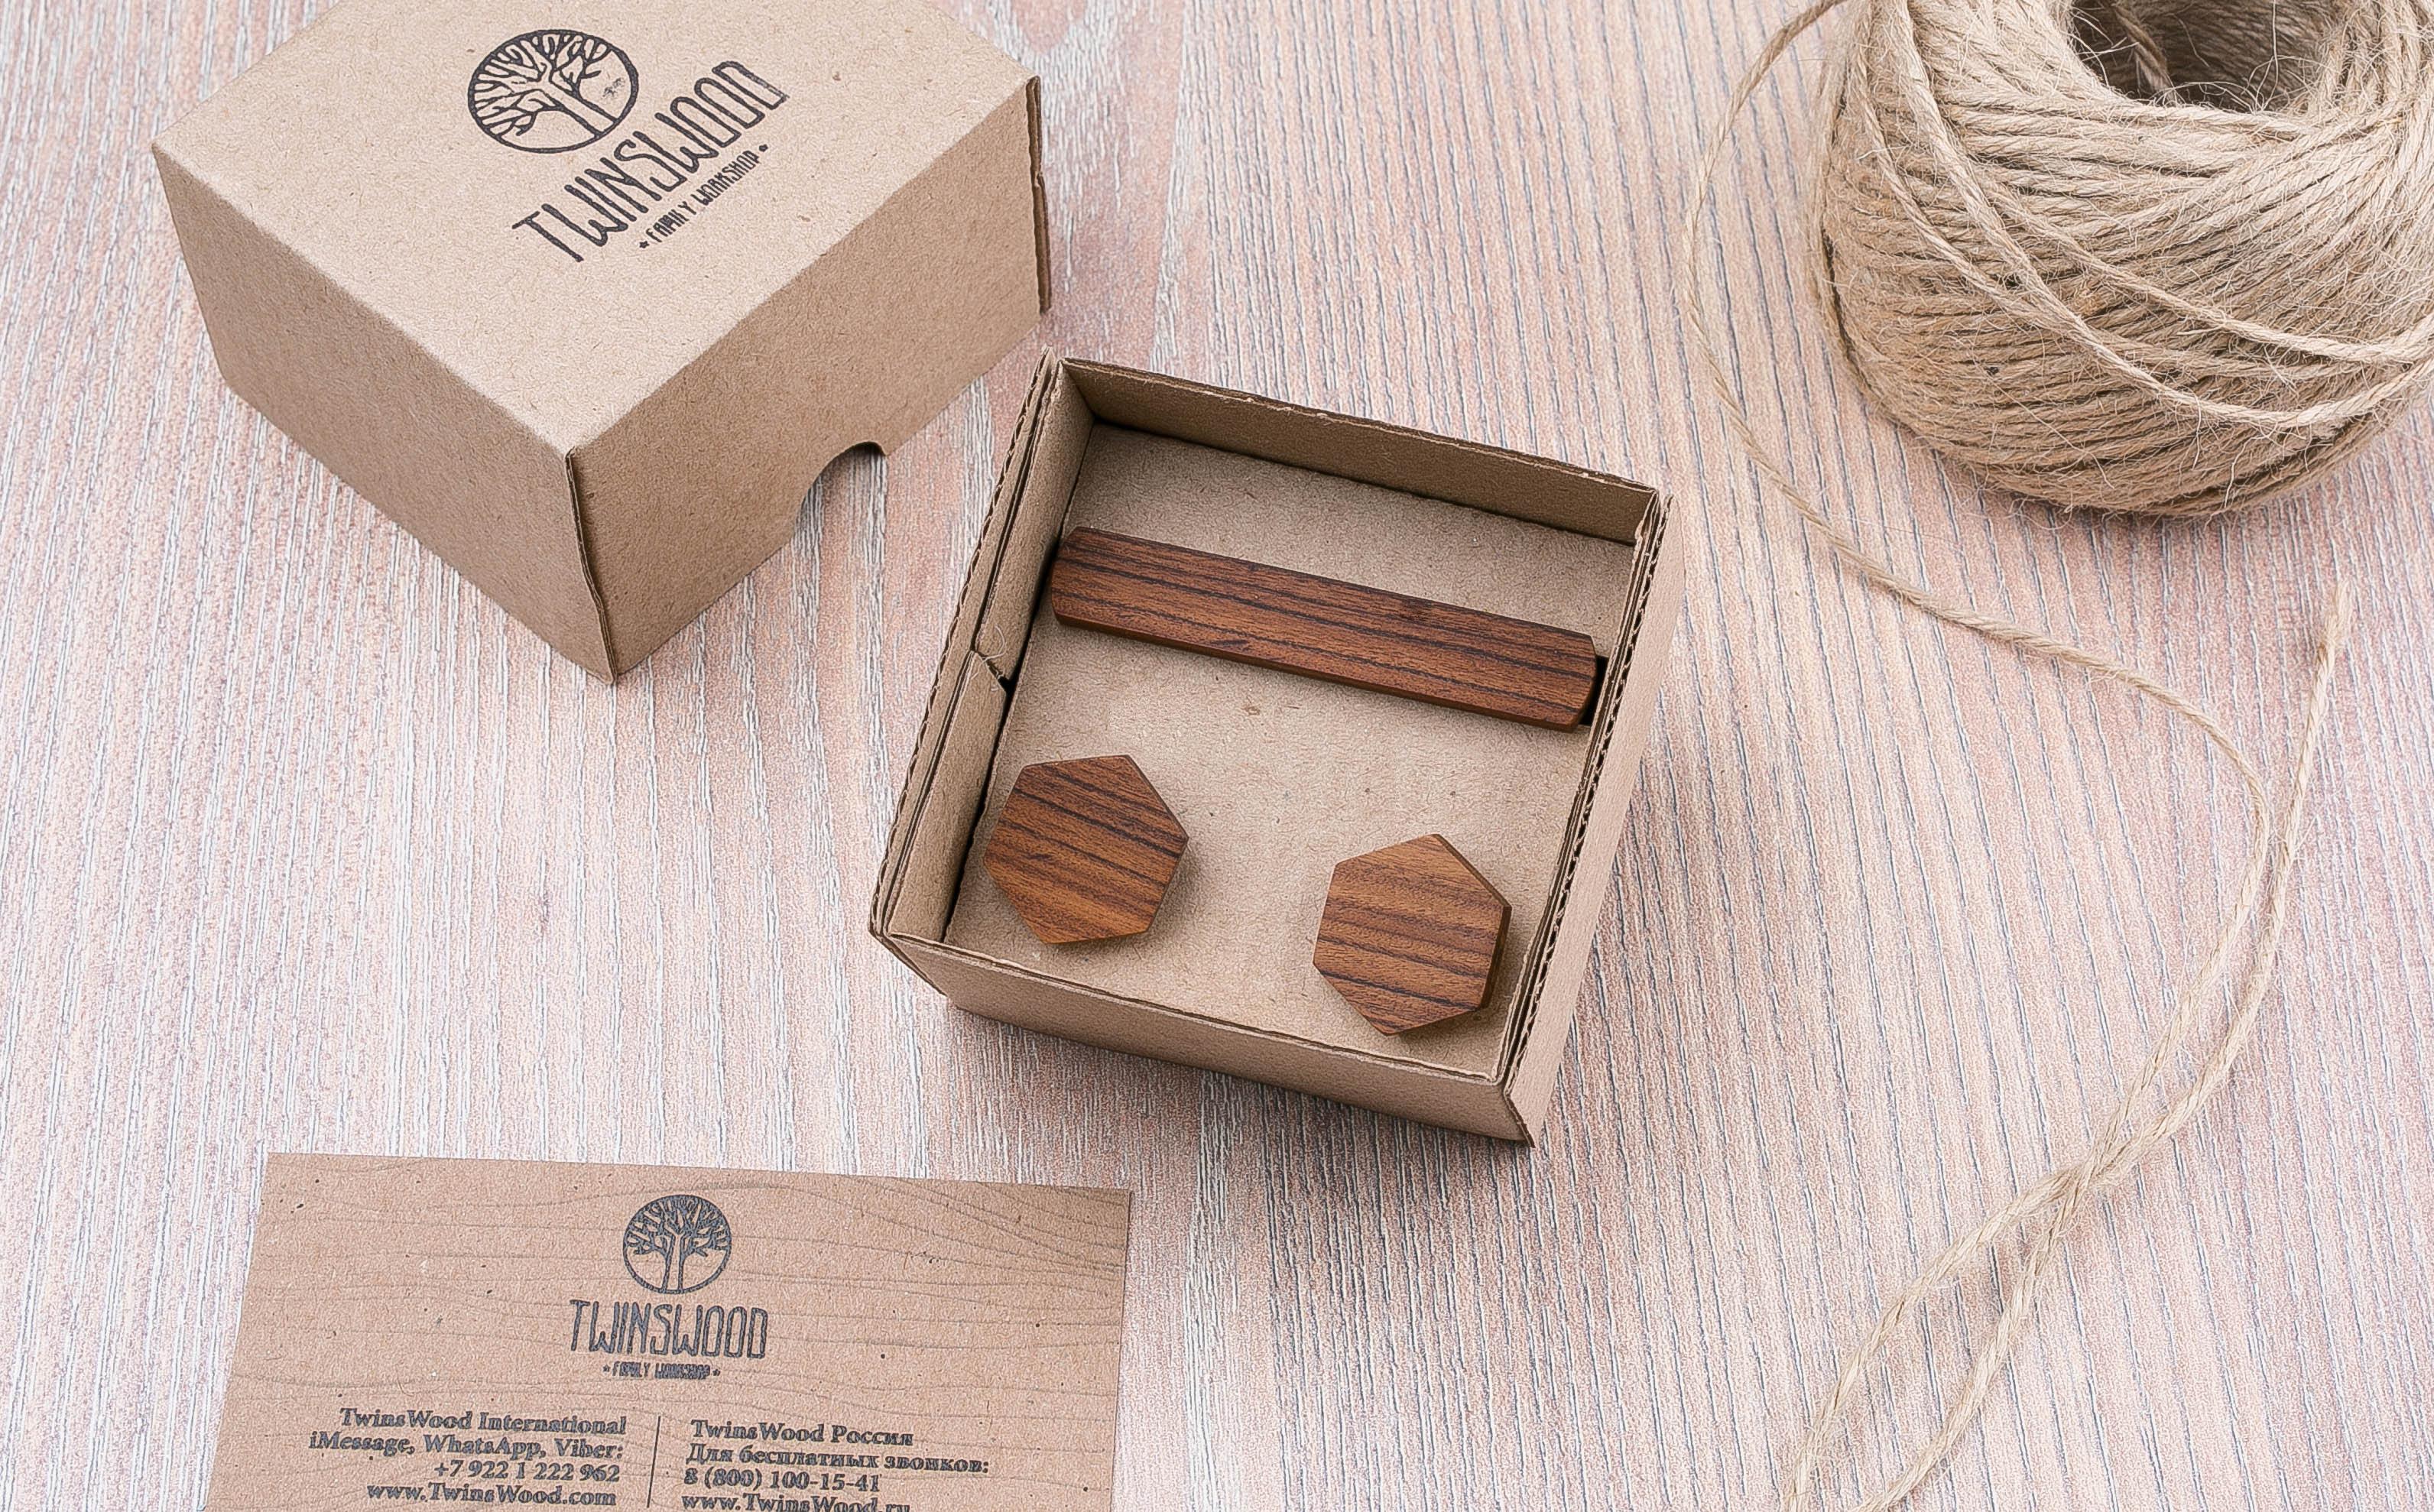 Комплект: Шестигранные запонки из дерева и Деревянный зажим для галстука. Массив палисандра. Гравировка инициалов. Упаковка в комплекте